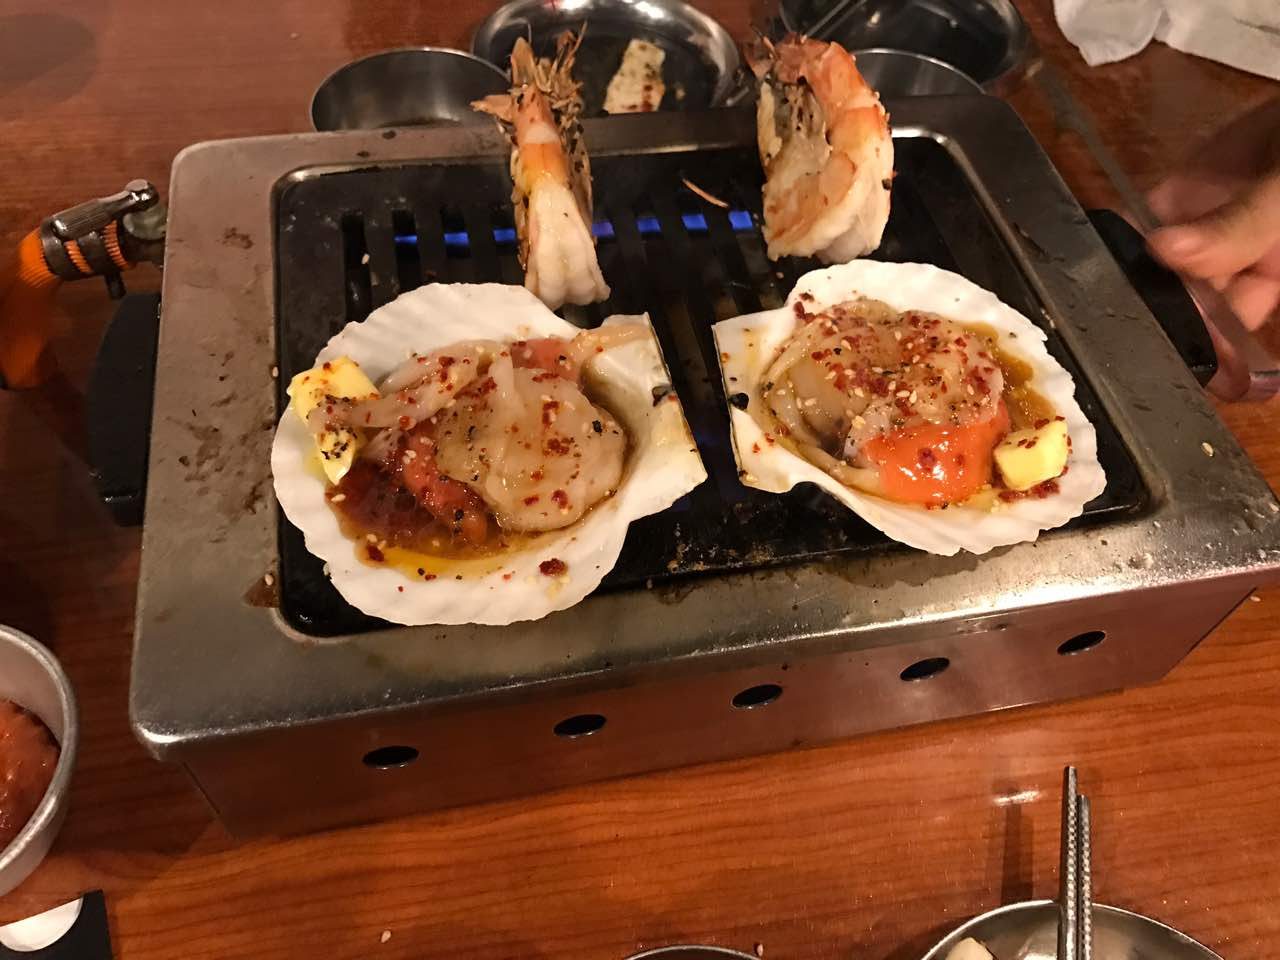 饭美食1280_960美食洛阳总结的v美食图片